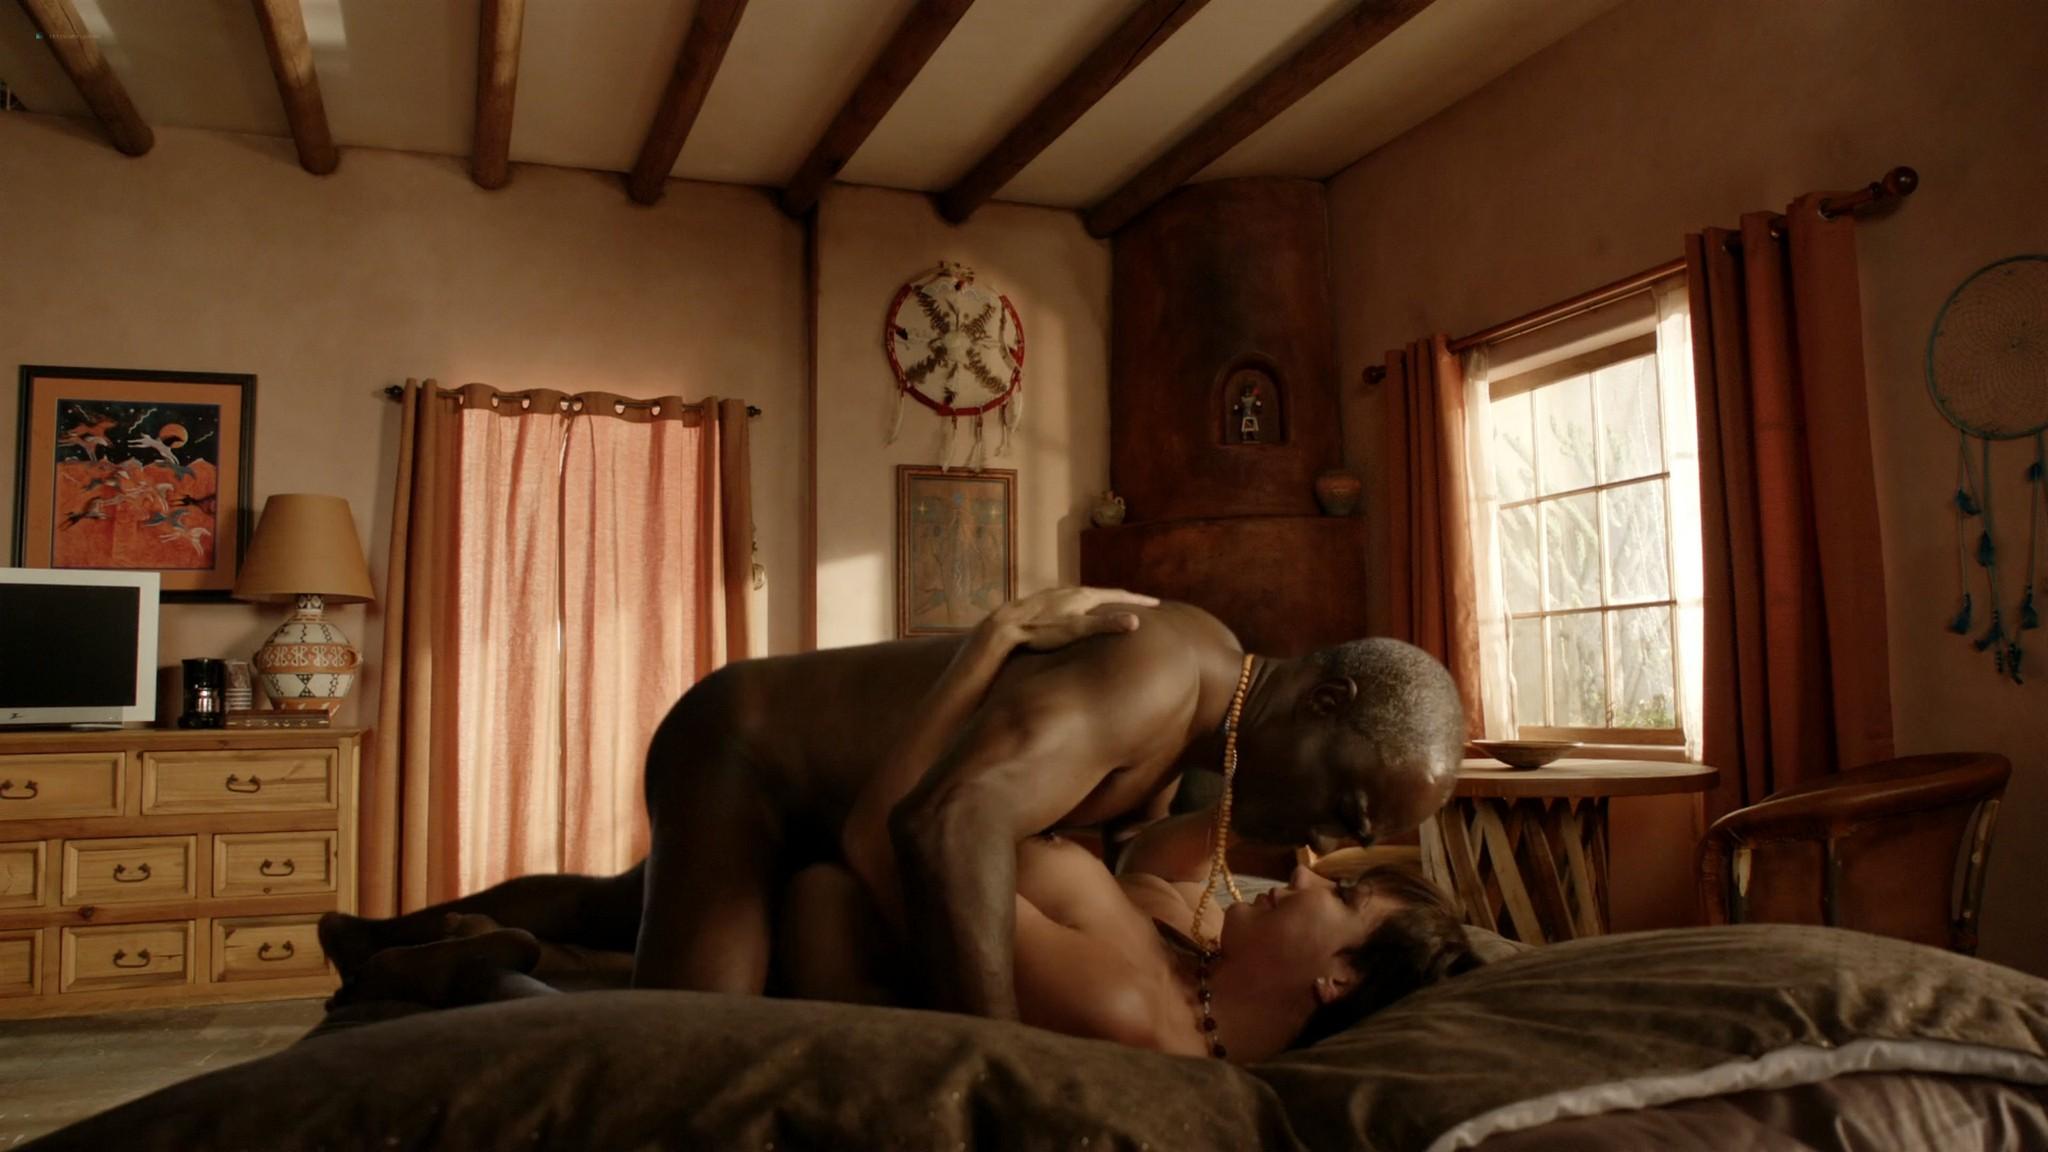 Kristen Bell hot sex Amy Landecker nude boobs House of Lies 2012 s1e3 4 1080p Web